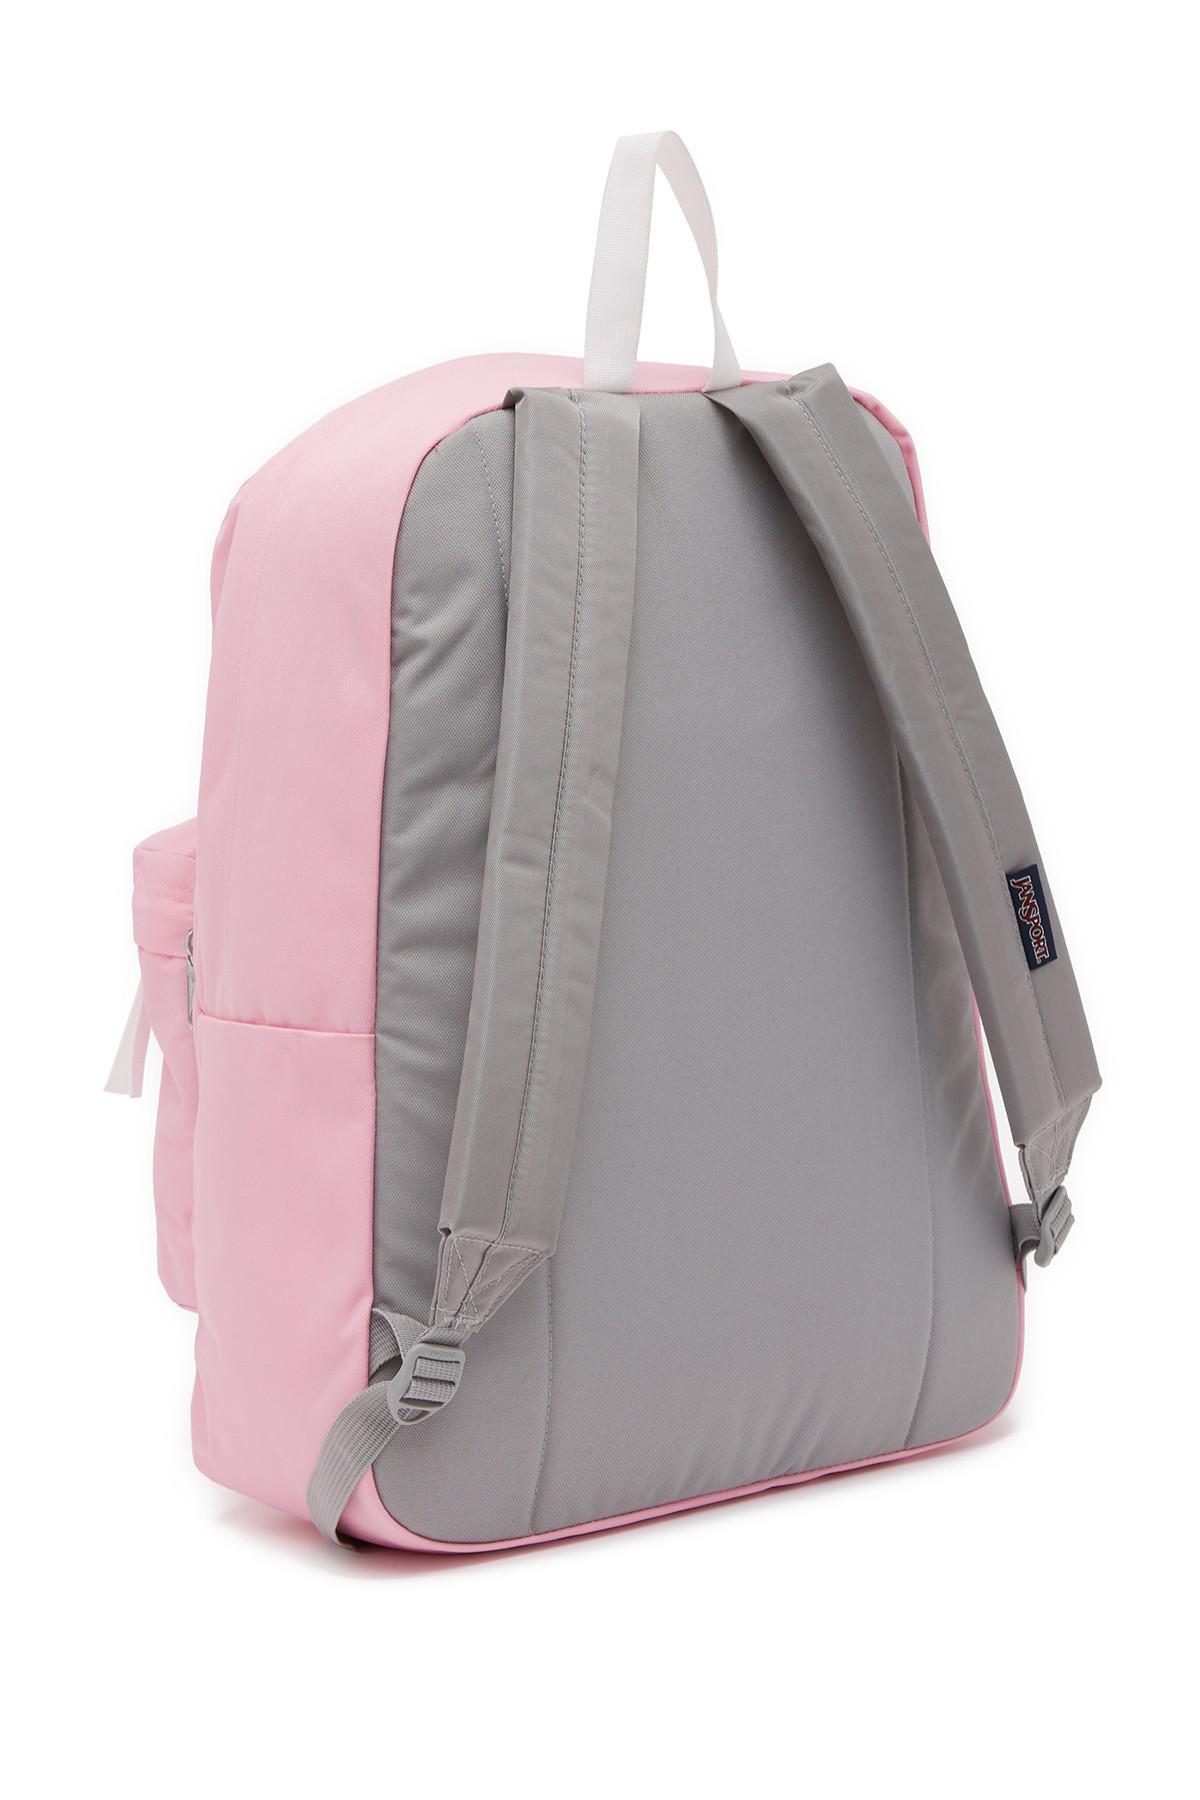 Pastel Pink Jansport Backpack - CEAGESP